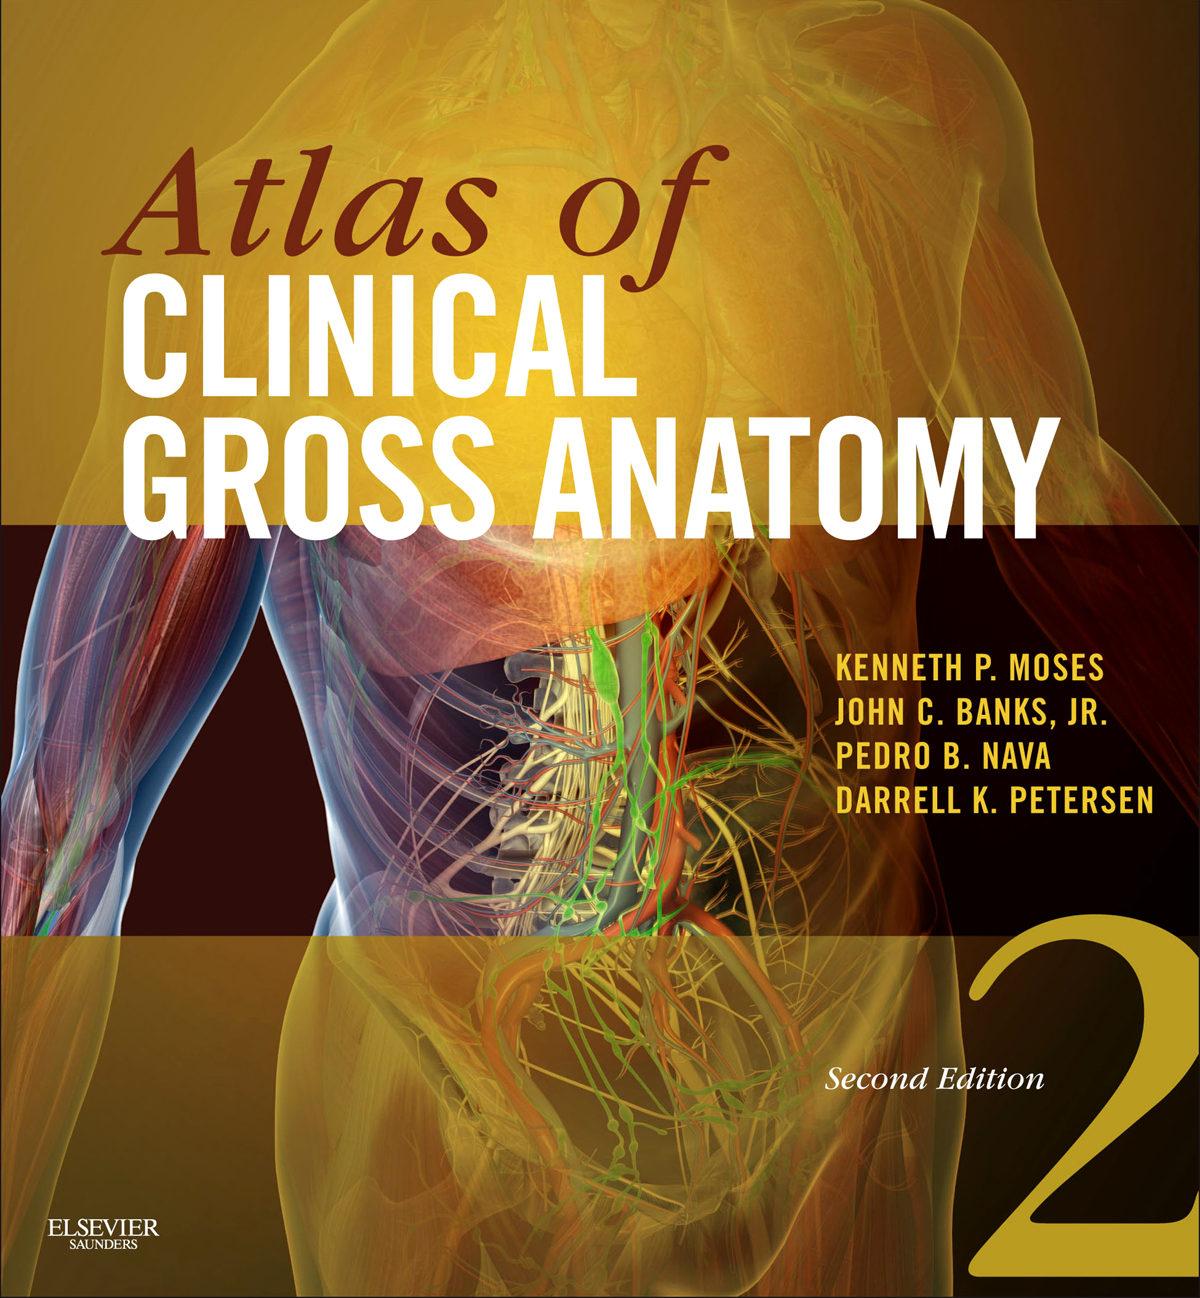 ATLAS OF CLINICAL GROSS ANATOMY E-BOOK EBOOK   MOSES   Descargar ...